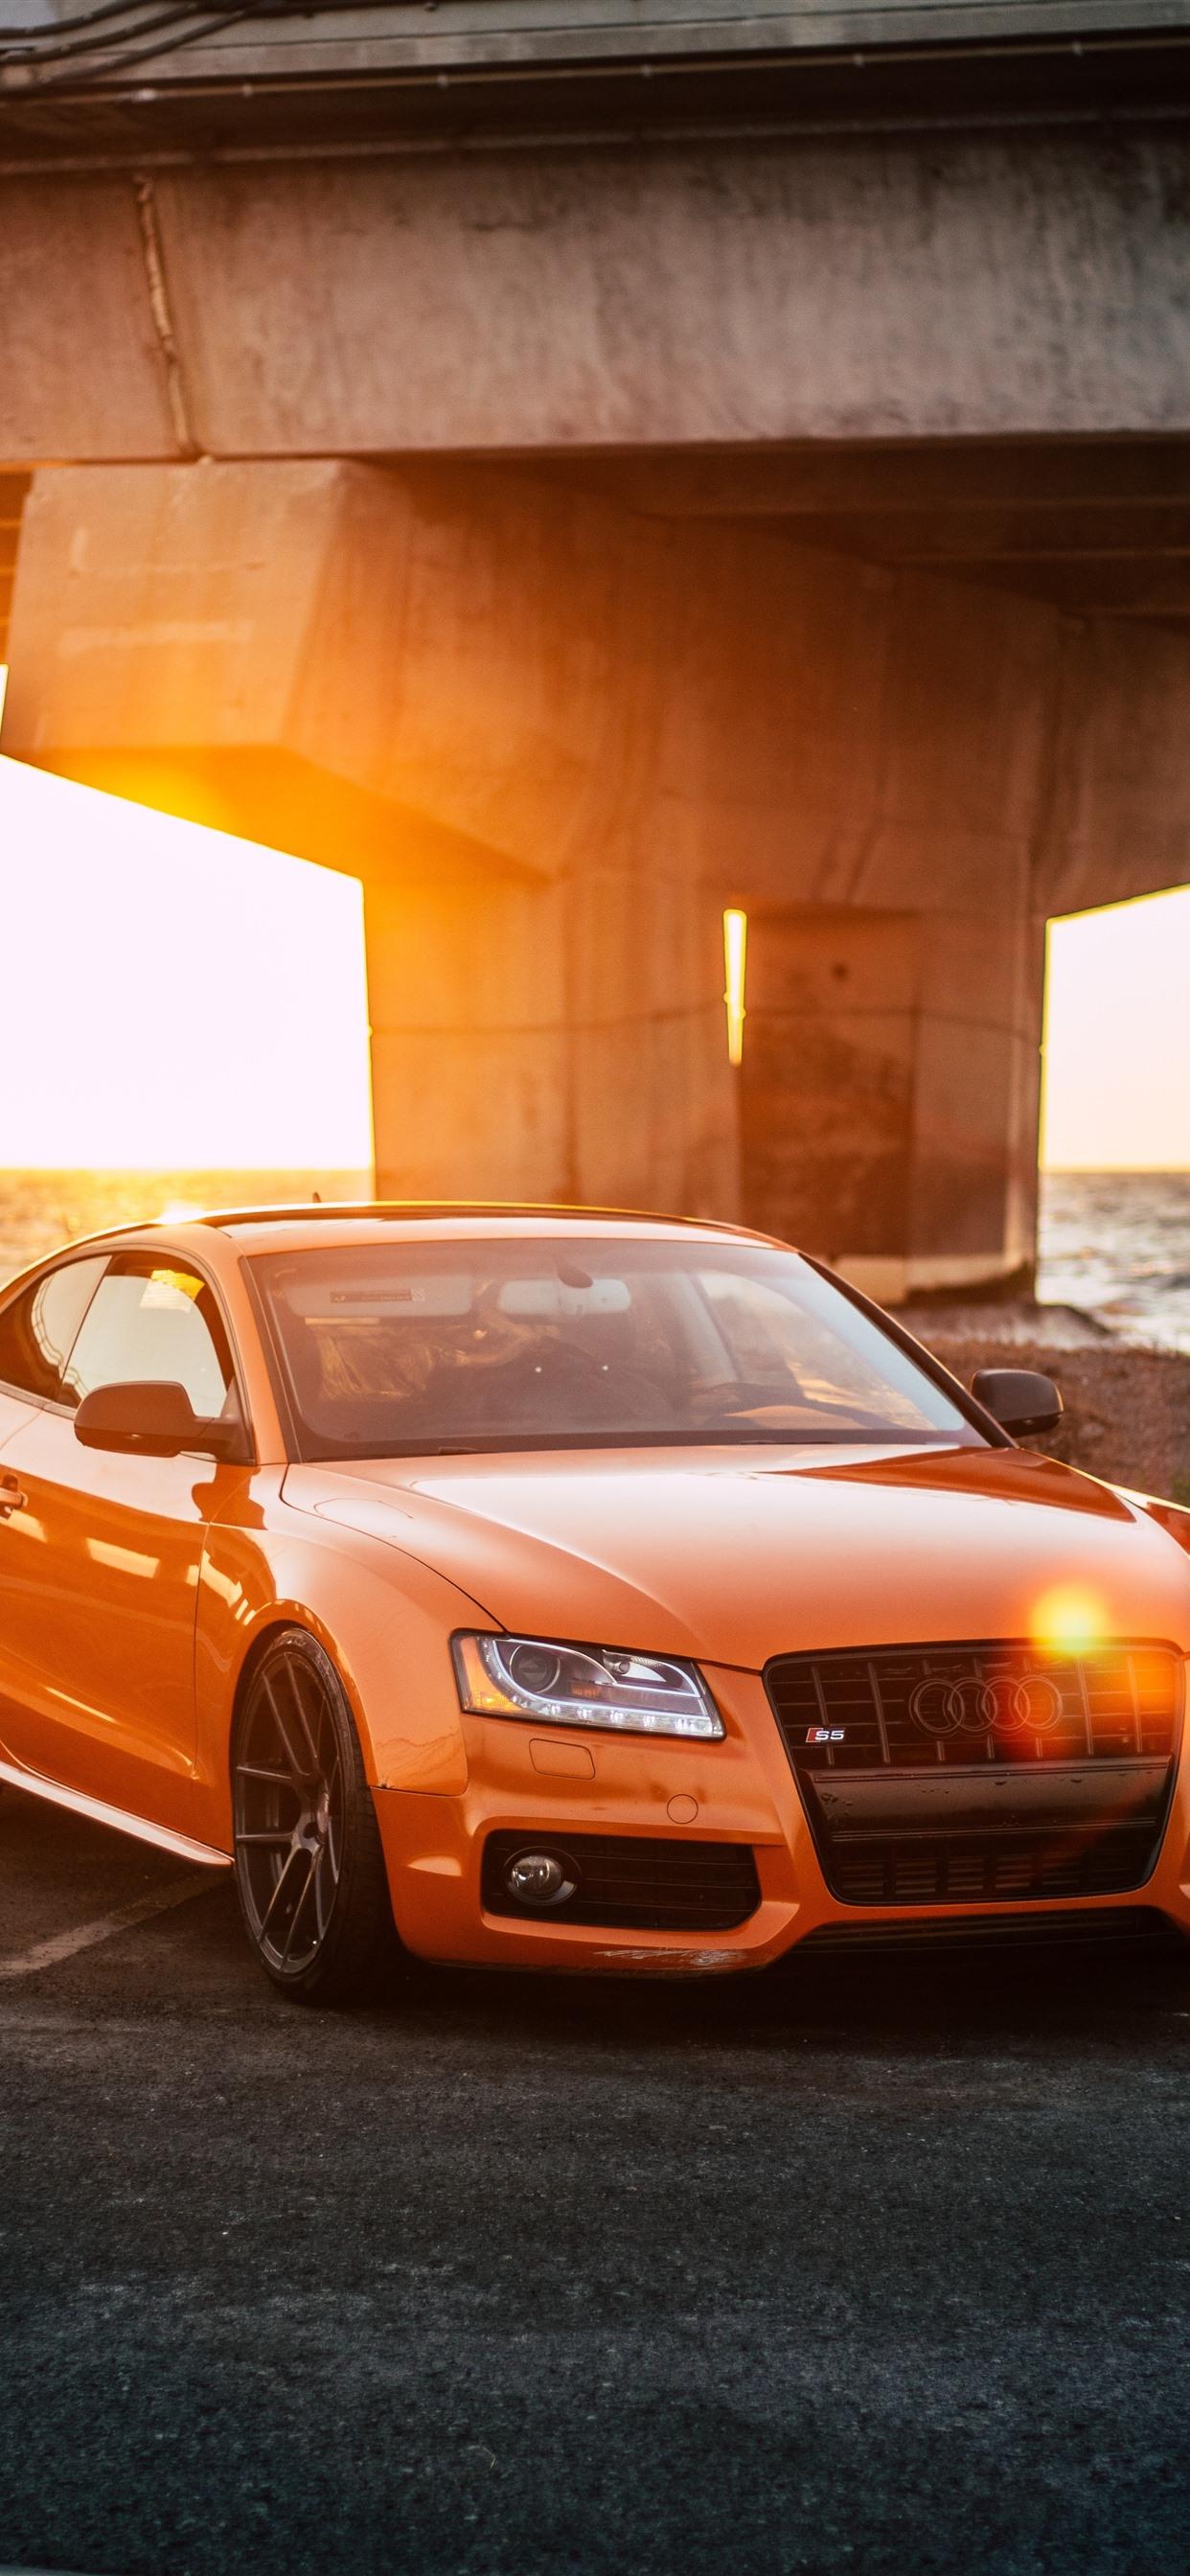 壁紙 オレンジ色のアウディ車の正面 日光 ハイウェイ 2880x1800 Hd